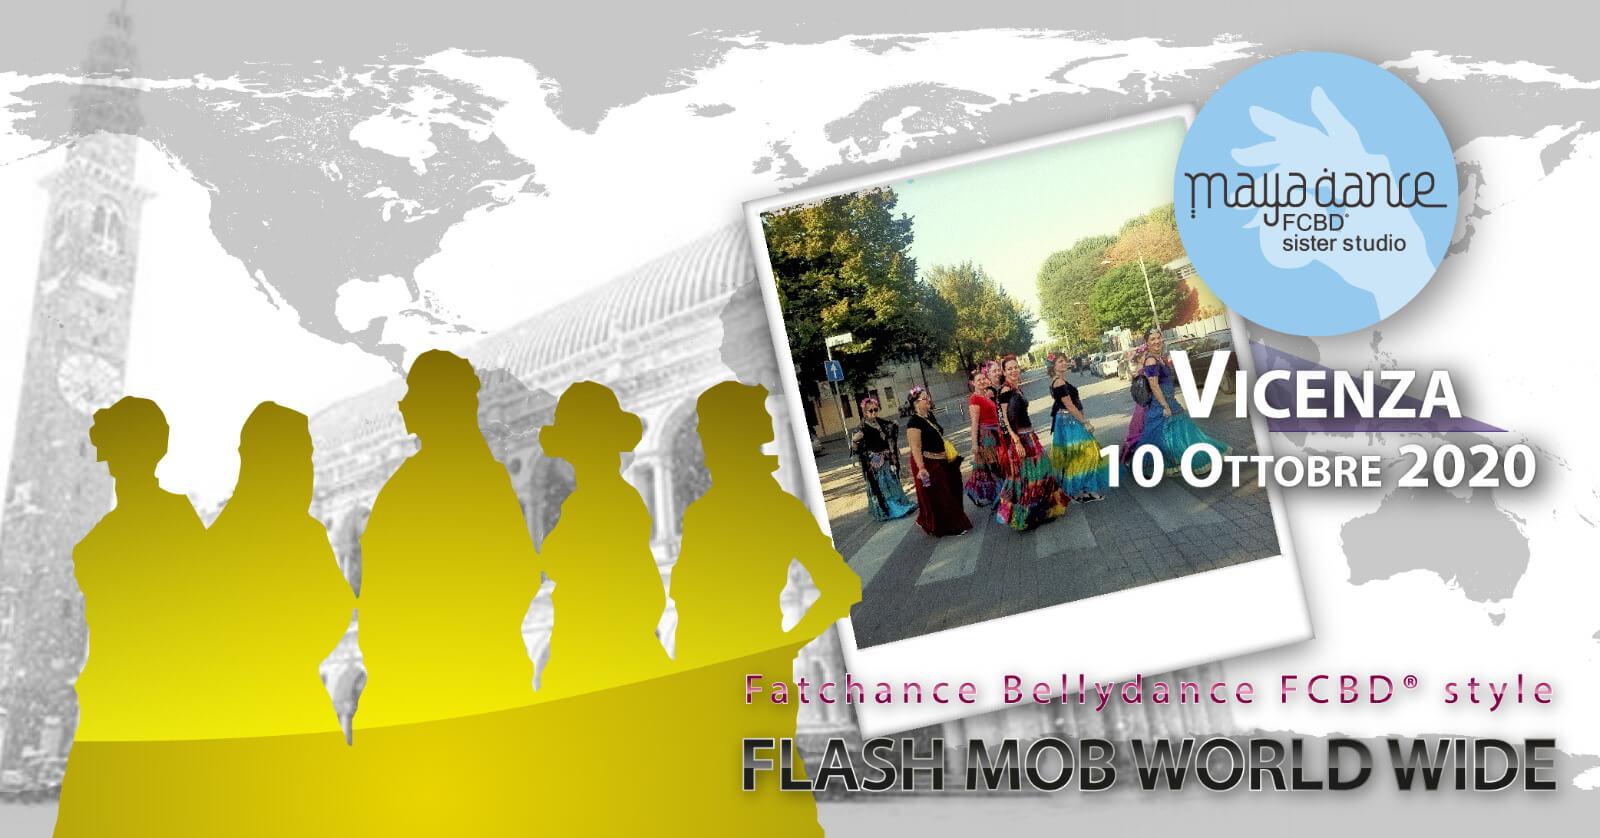 FCBD® style flashmob dance mondiale 2020